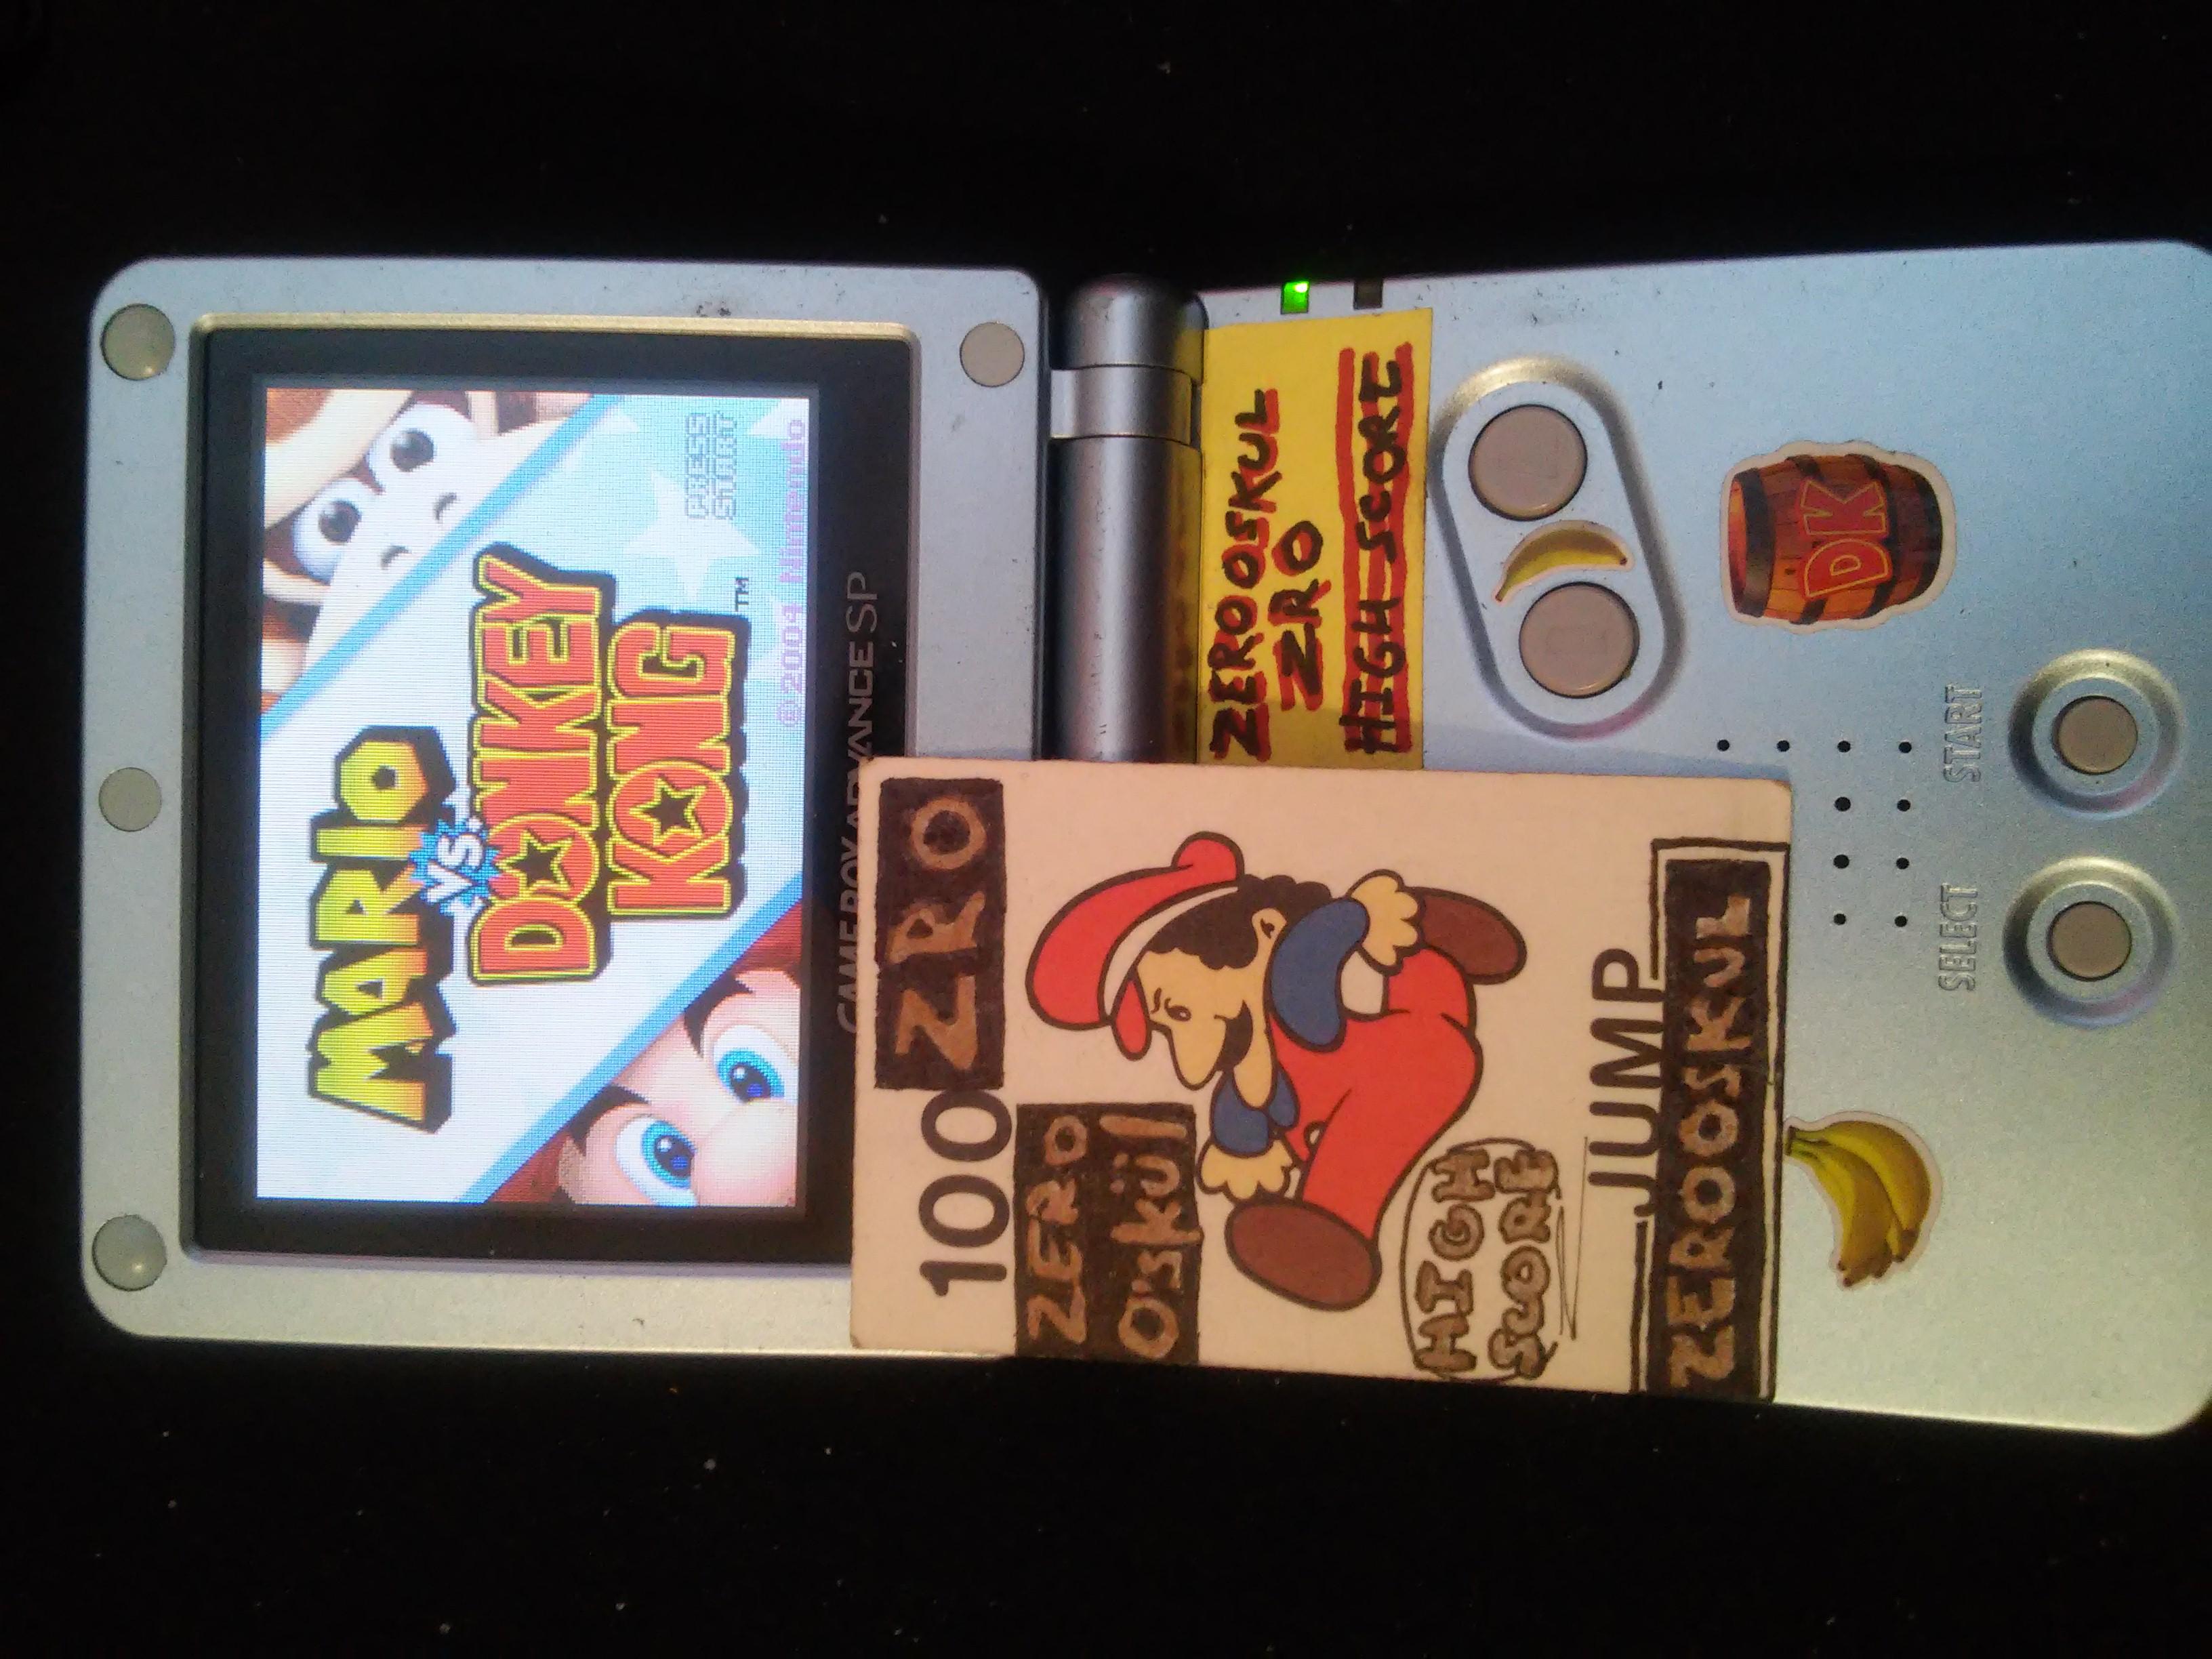 Mario Vs. Donkey Kong: Level 4-1 29,200 points